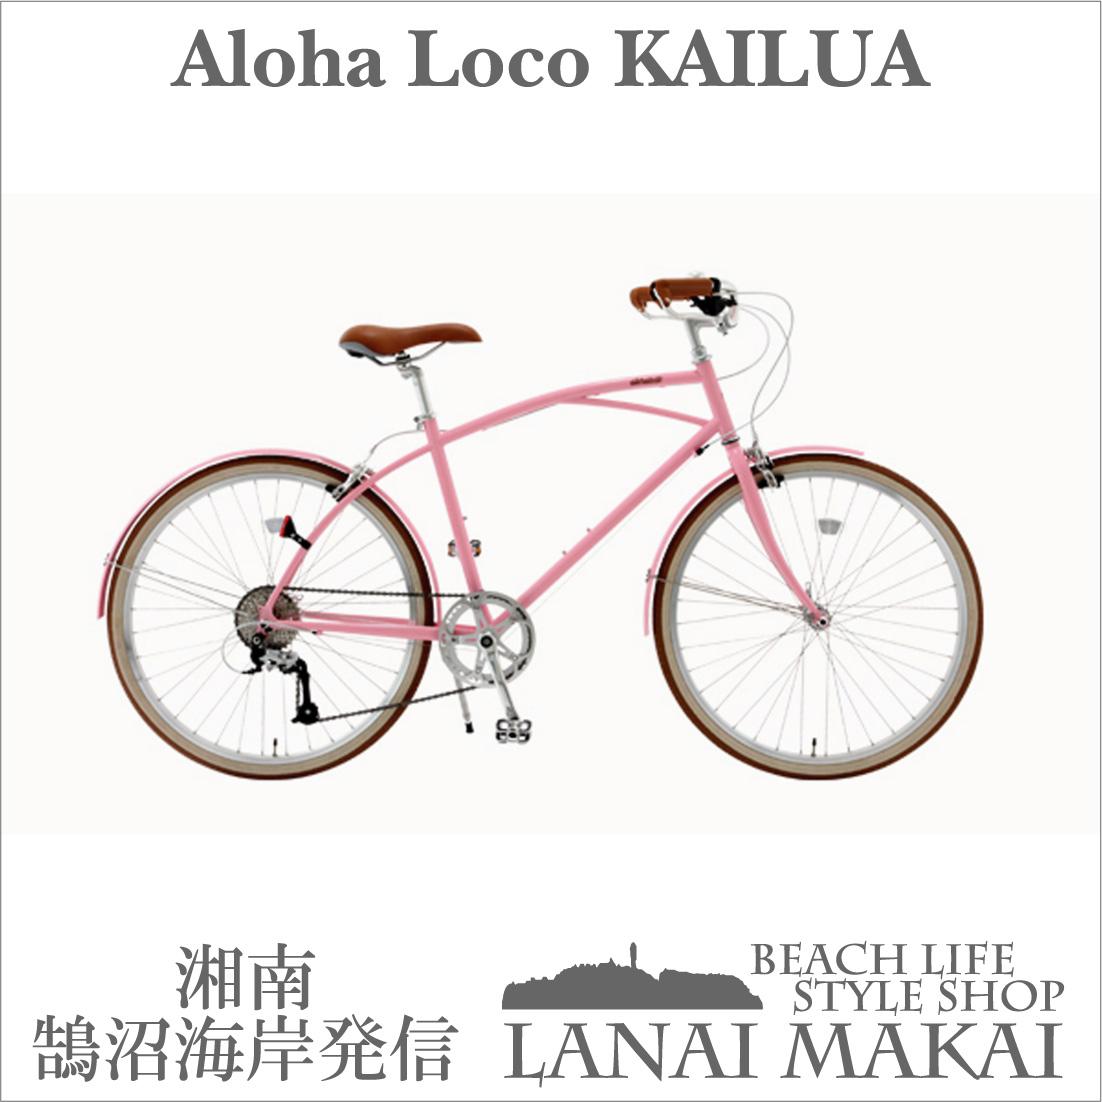 """【Aloha Loco Kailua】アロハロコ カイルア""""26インチカジュアルバイク8段変速""""COL:パステルピンク湘南鵠沼海岸発信ビーチクルーザー クロスバイク"""